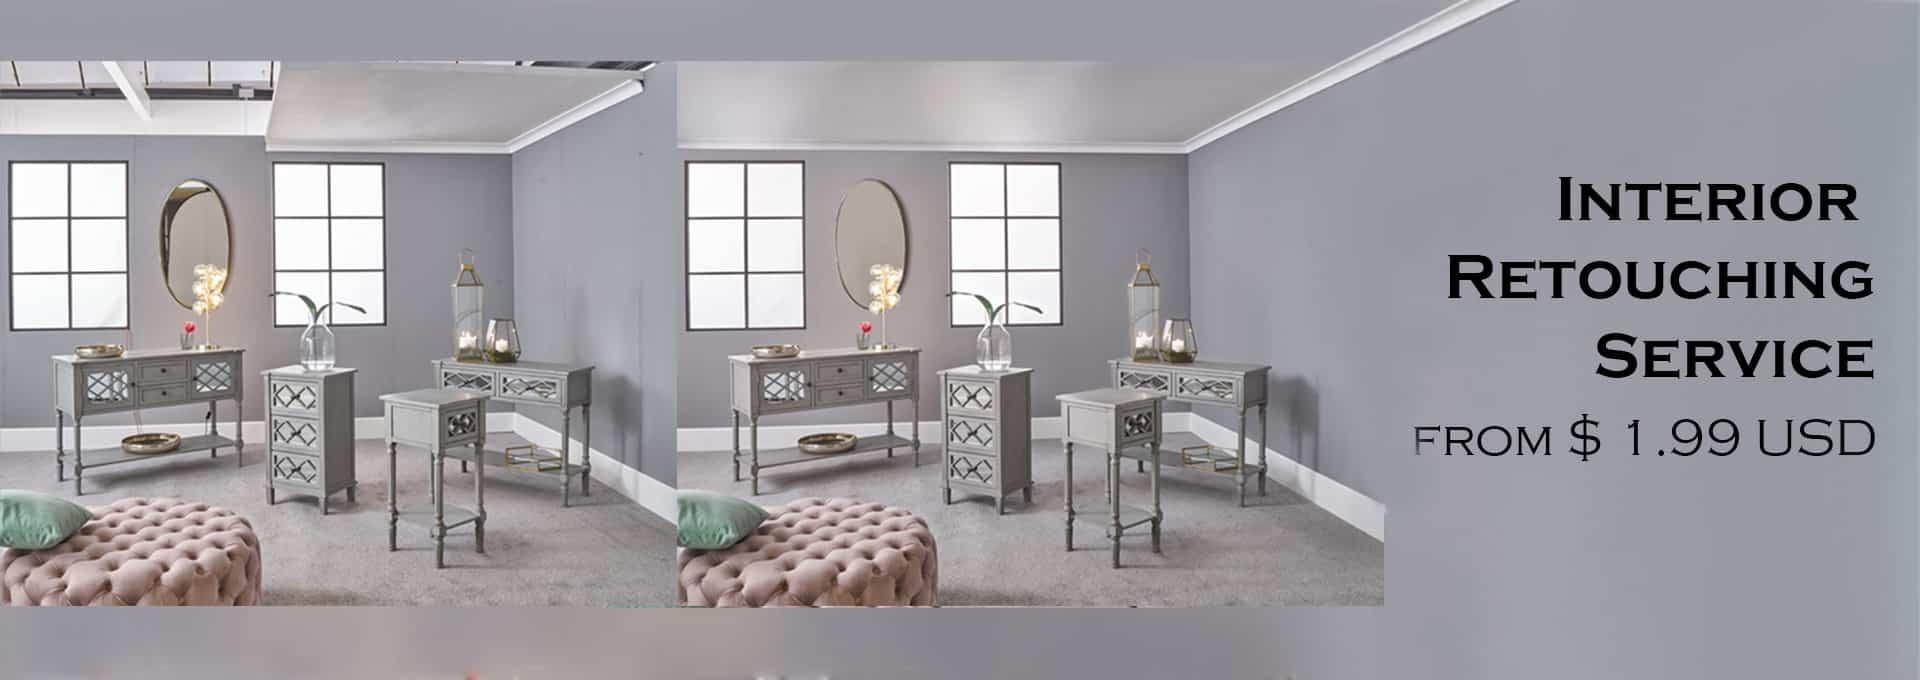 Interior Retouching